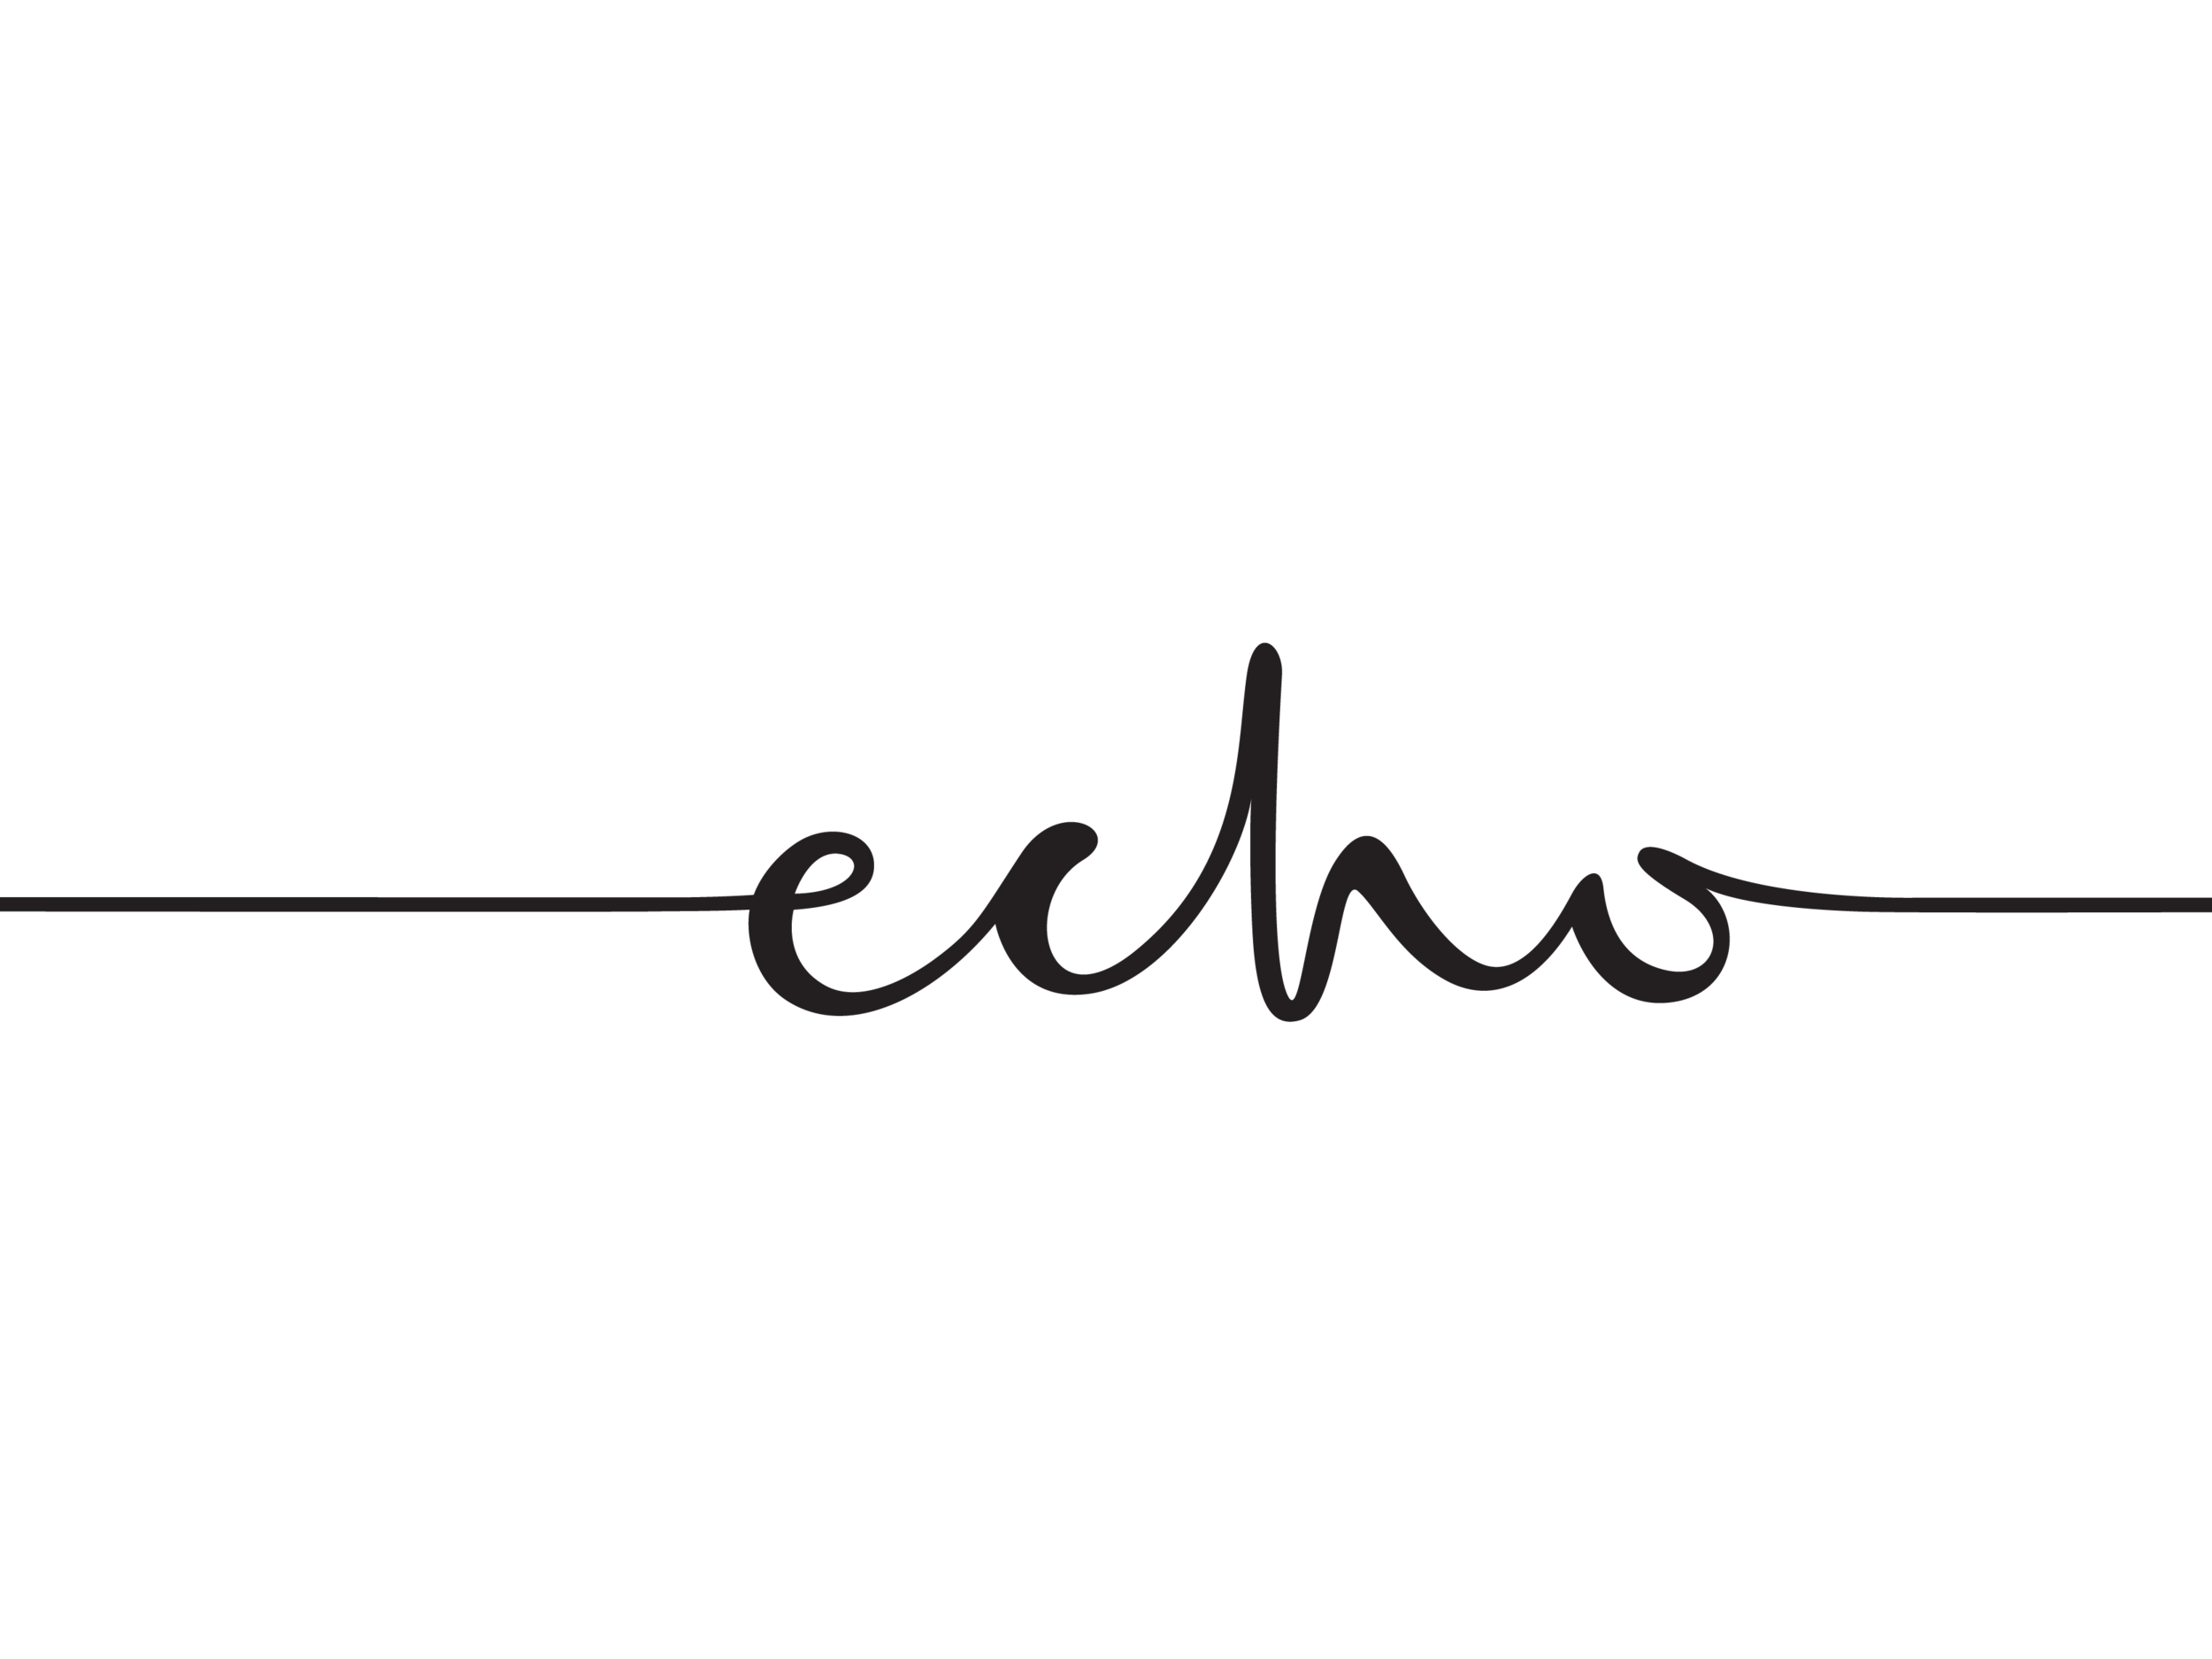 logo_designs-01.png